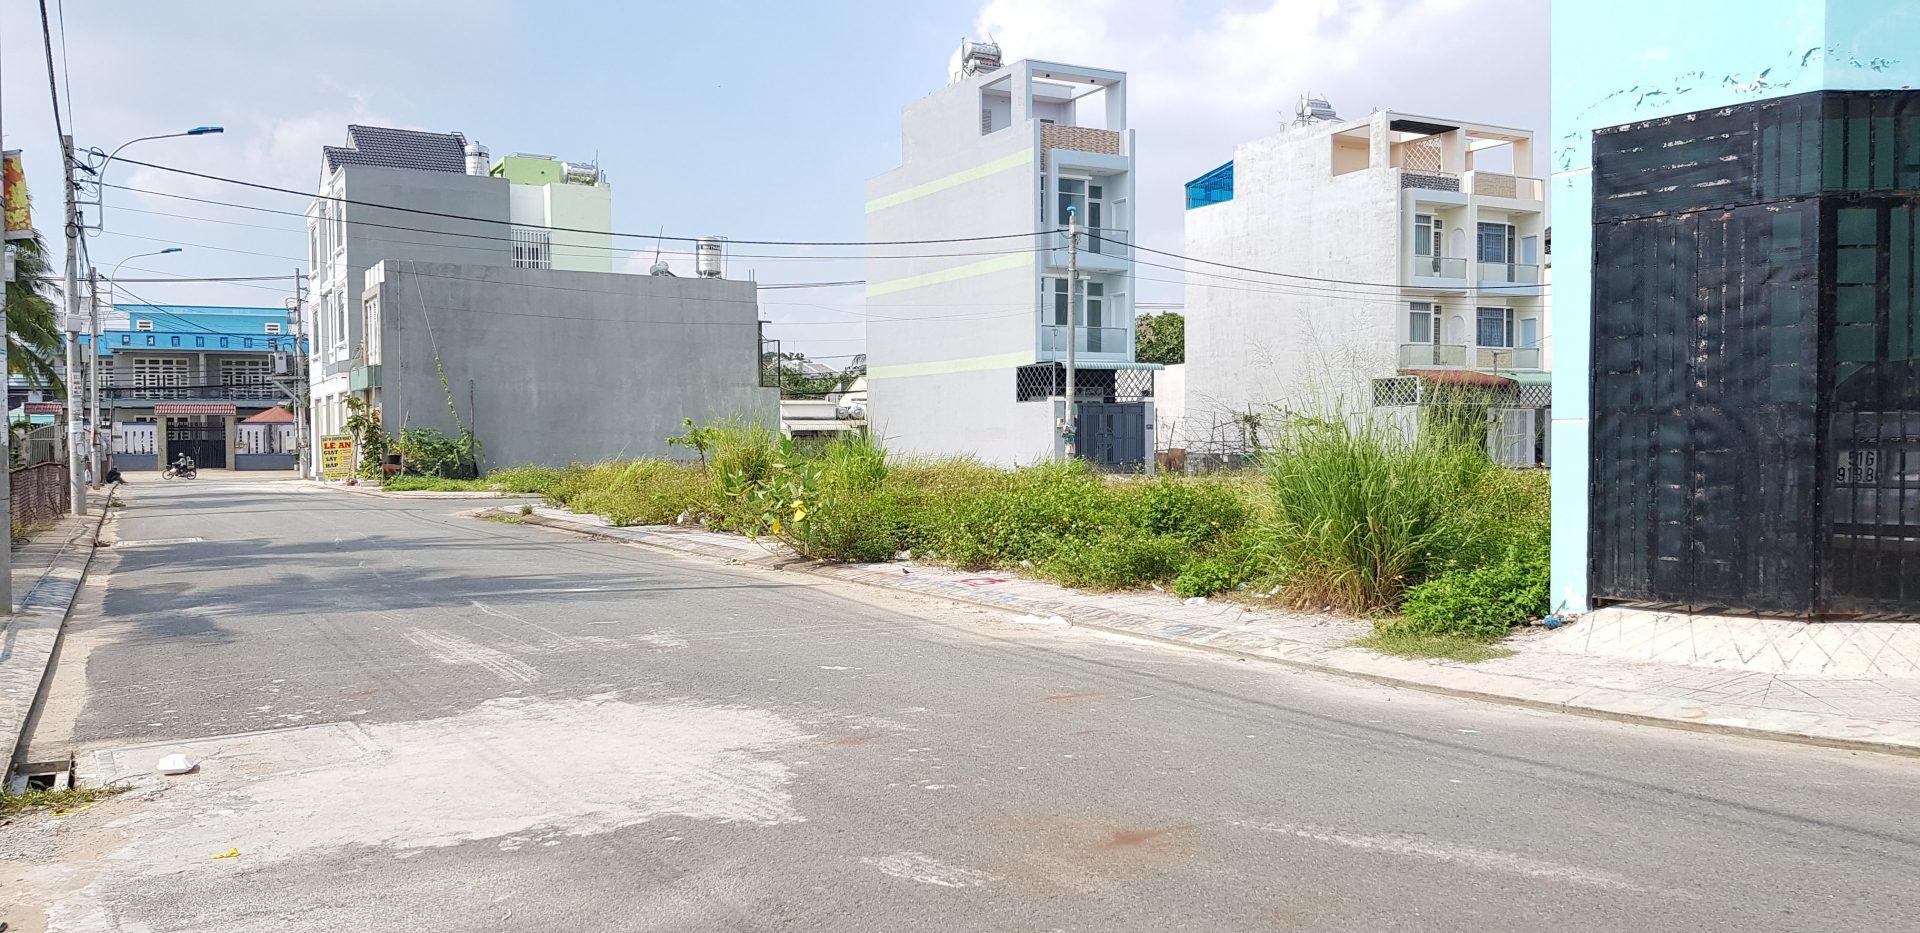 Bán Đất Trường Thạnh Quận 9, đường Lò Lu, cạnh dự án căn hộ HausNima EZLand. DT 55m2, đường 9m